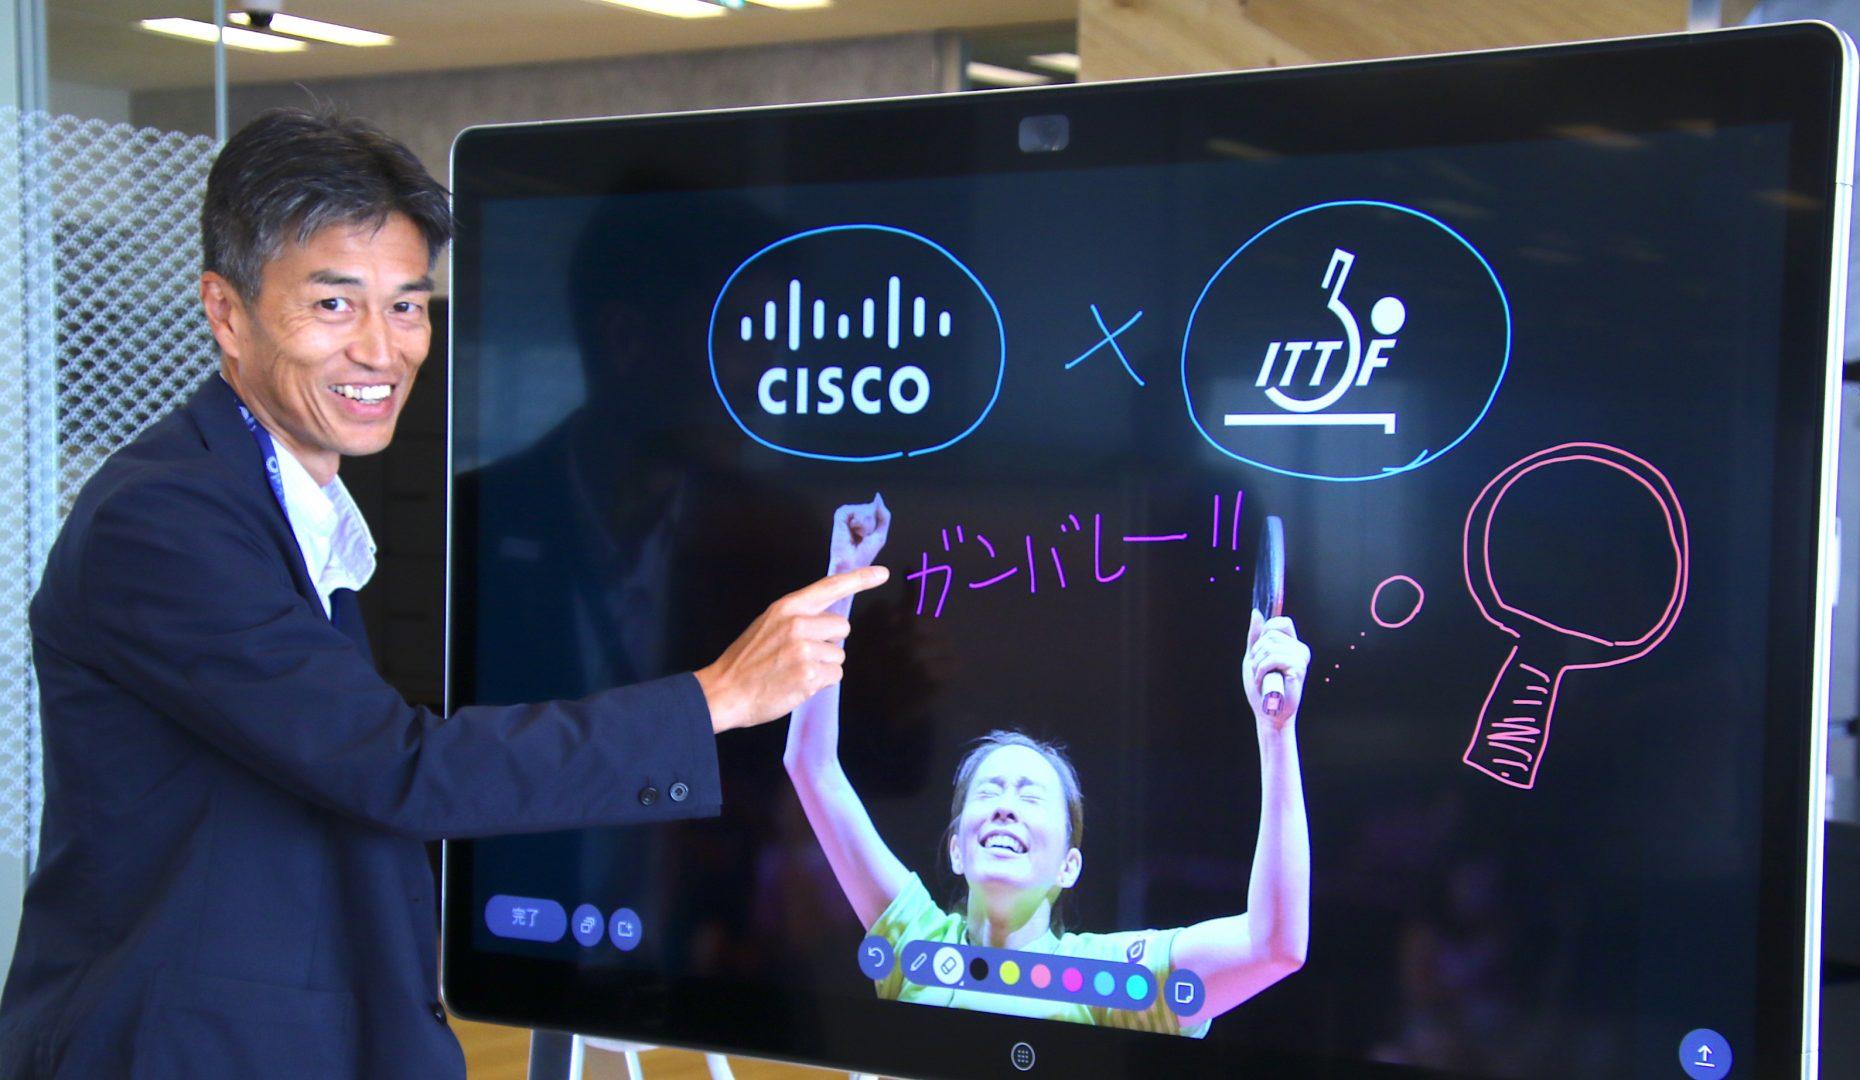 シスコ・生田氏に聞く、卓球W杯テクノロジー支援「アイドルのライブを応用します」<卓球応援企業特集>